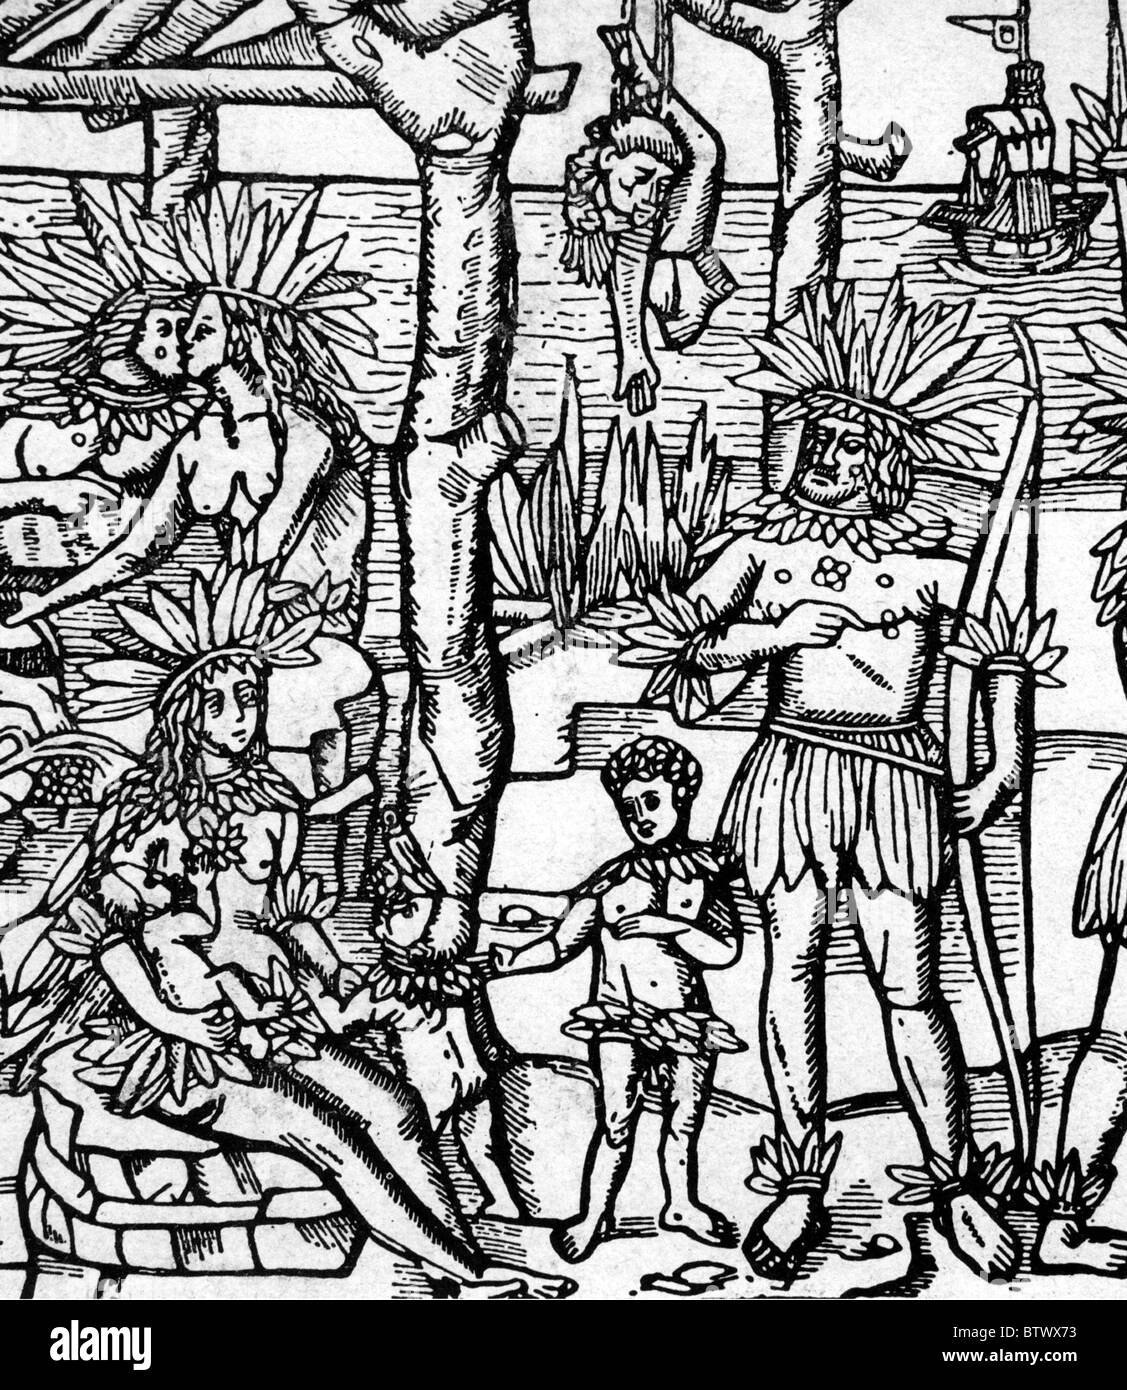 Spanische Entdecker GIOVANNI DA VERRAZZANO (1485-1528), wurde getötet und gegessen durch Kariben auf Guadeloupe Stockbild